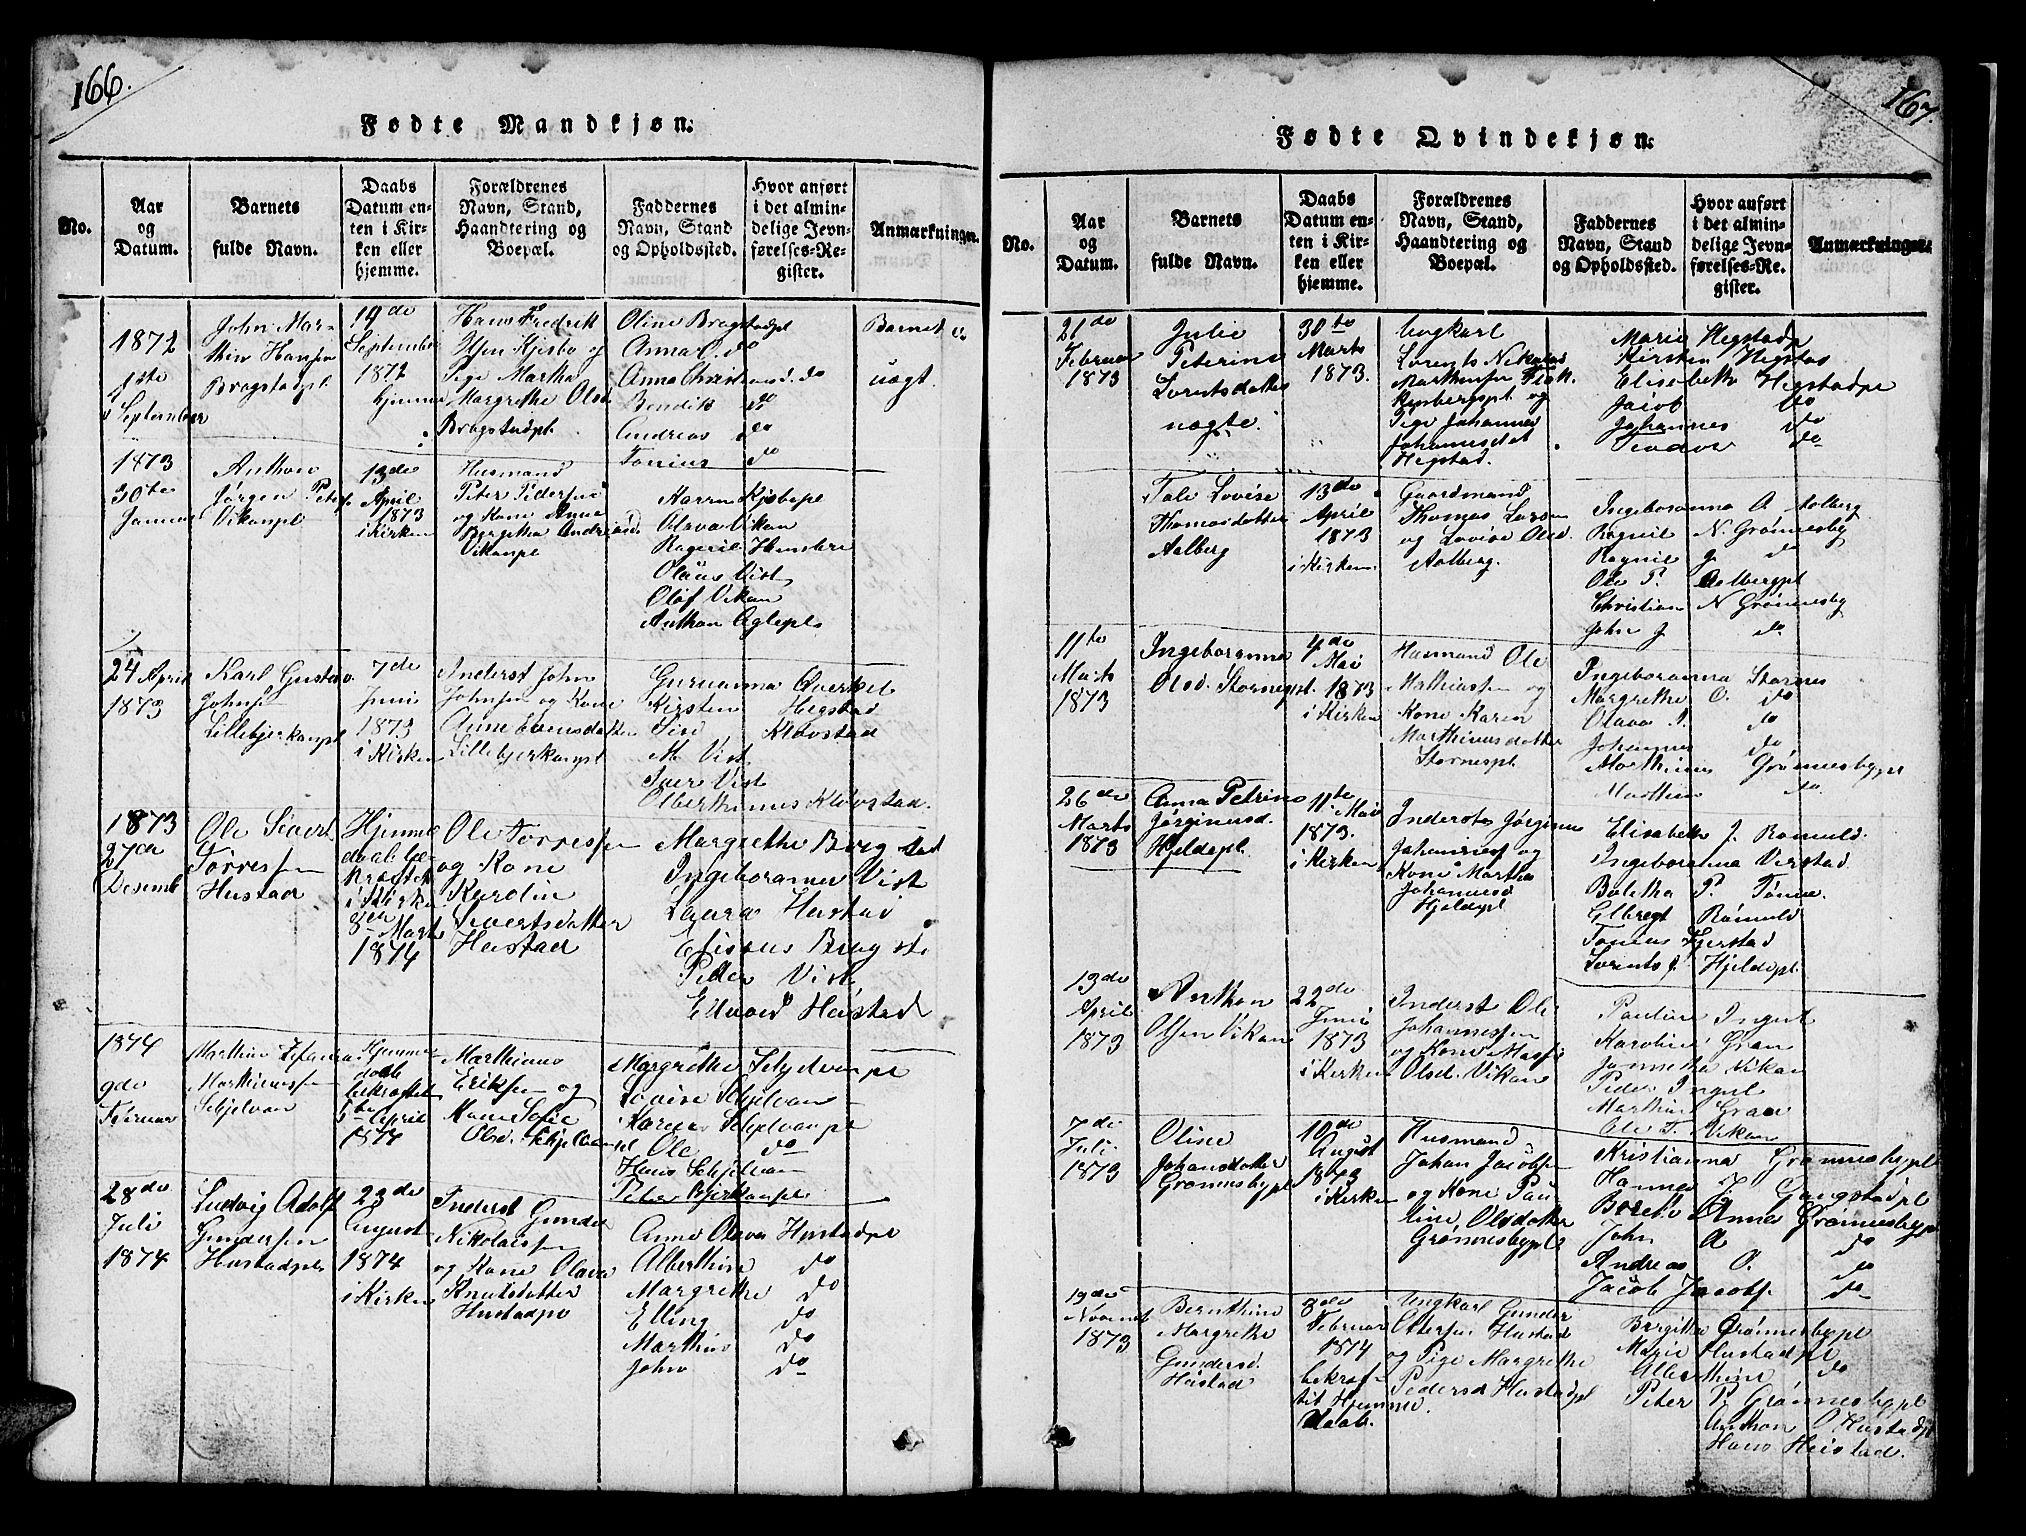 SAT, Ministerialprotokoller, klokkerbøker og fødselsregistre - Nord-Trøndelag, 732/L0317: Klokkerbok nr. 732C01, 1816-1881, s. 166-167